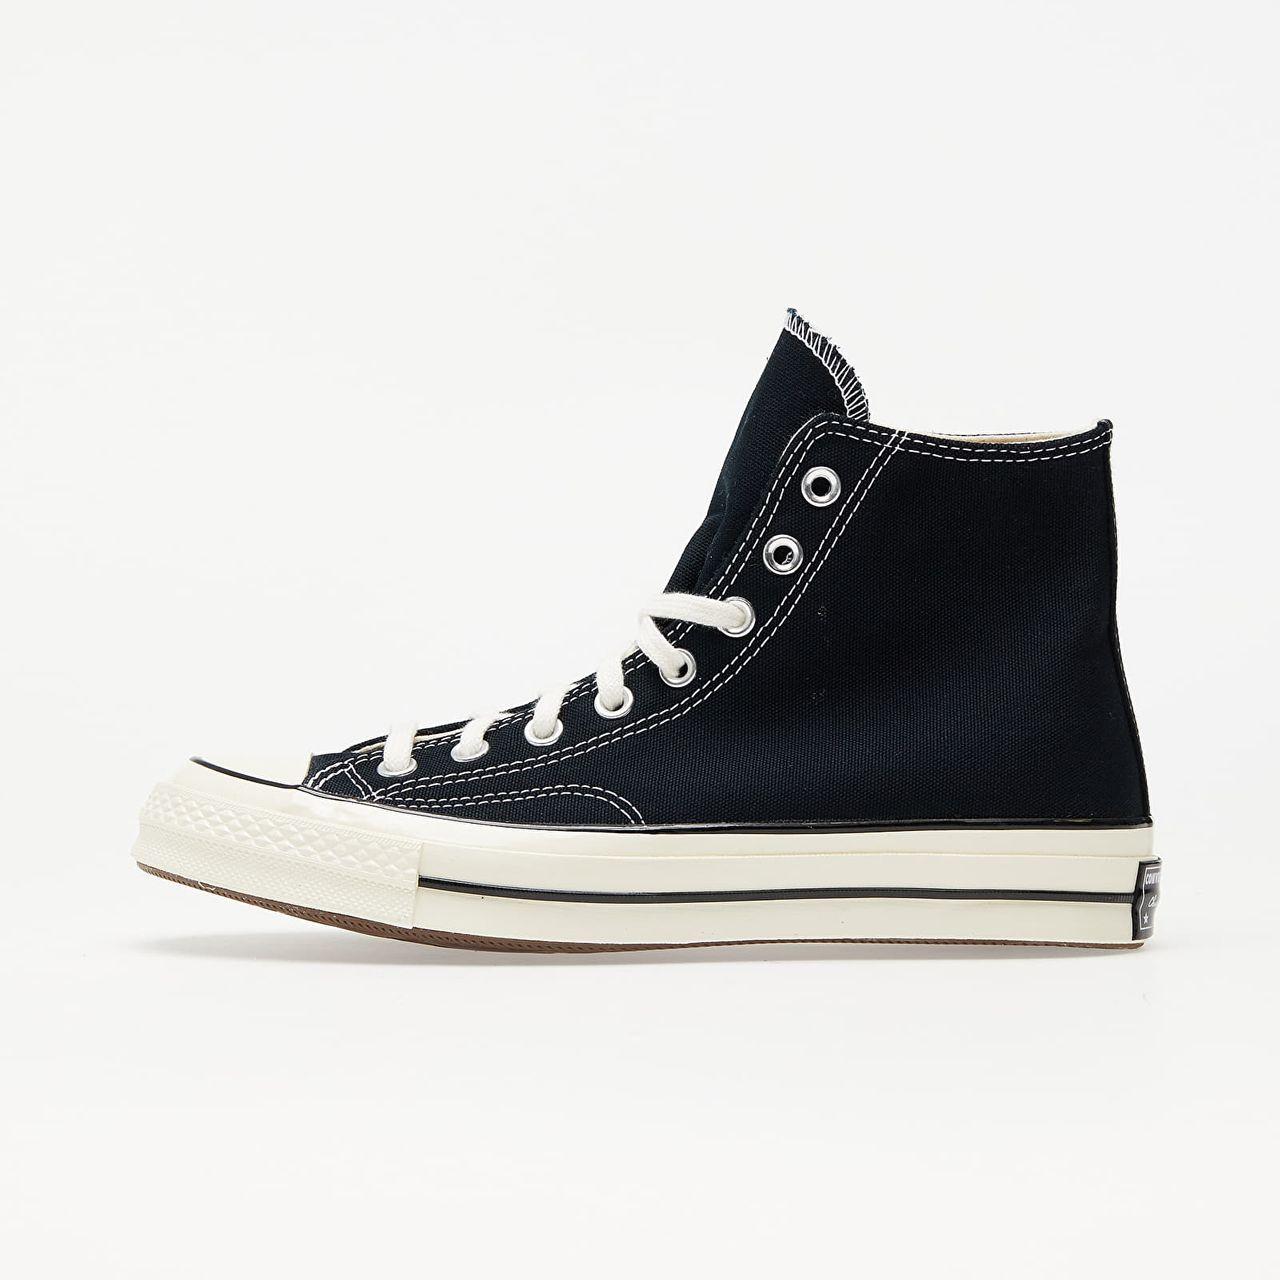 کفش راحتی زنانه کانورس مدل allstar 1970 - 162050c